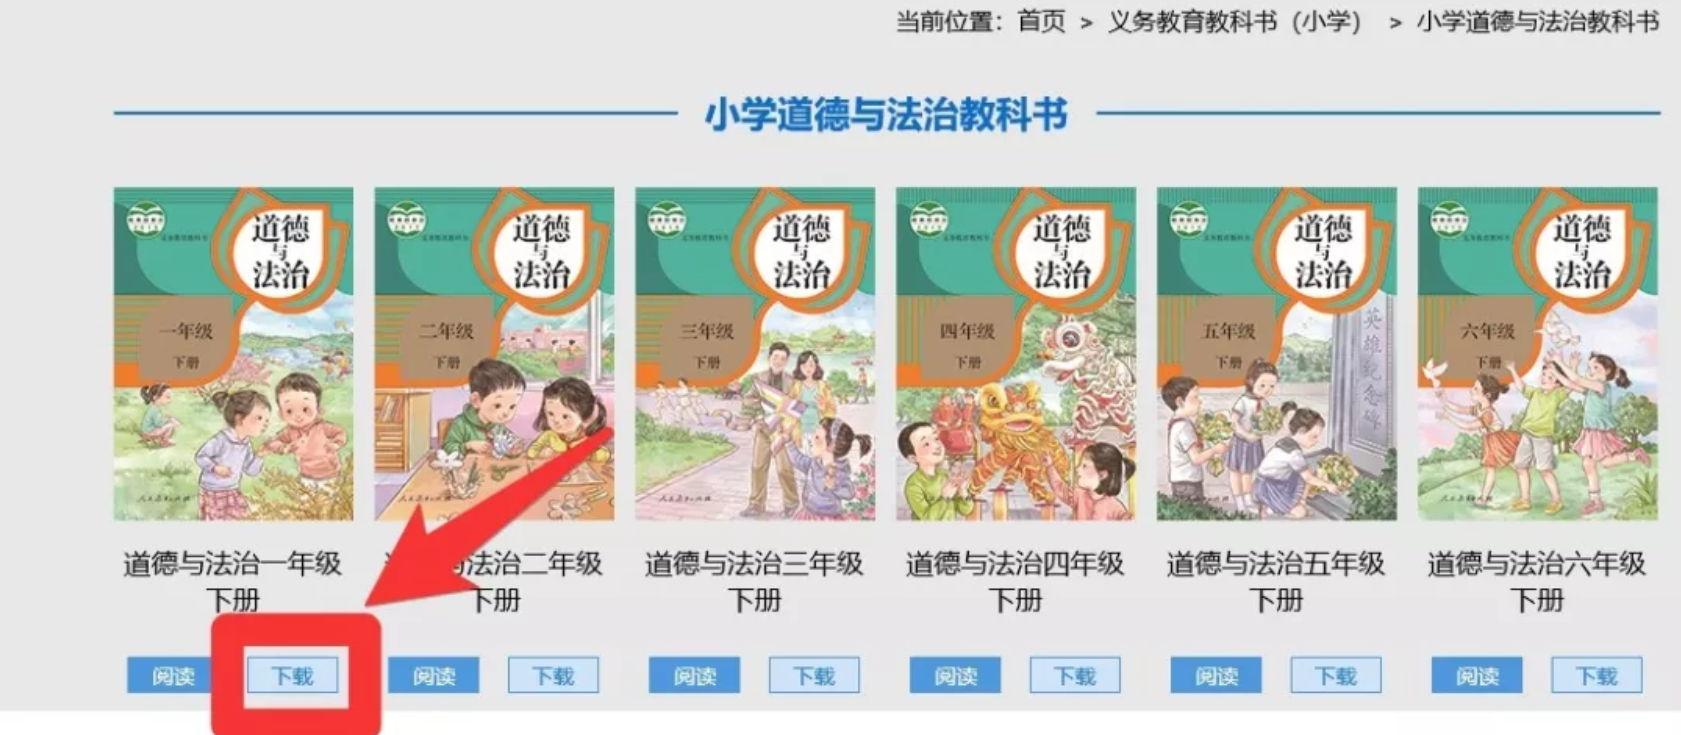 人民教育出版社:小初高电子版教材免费下载使用